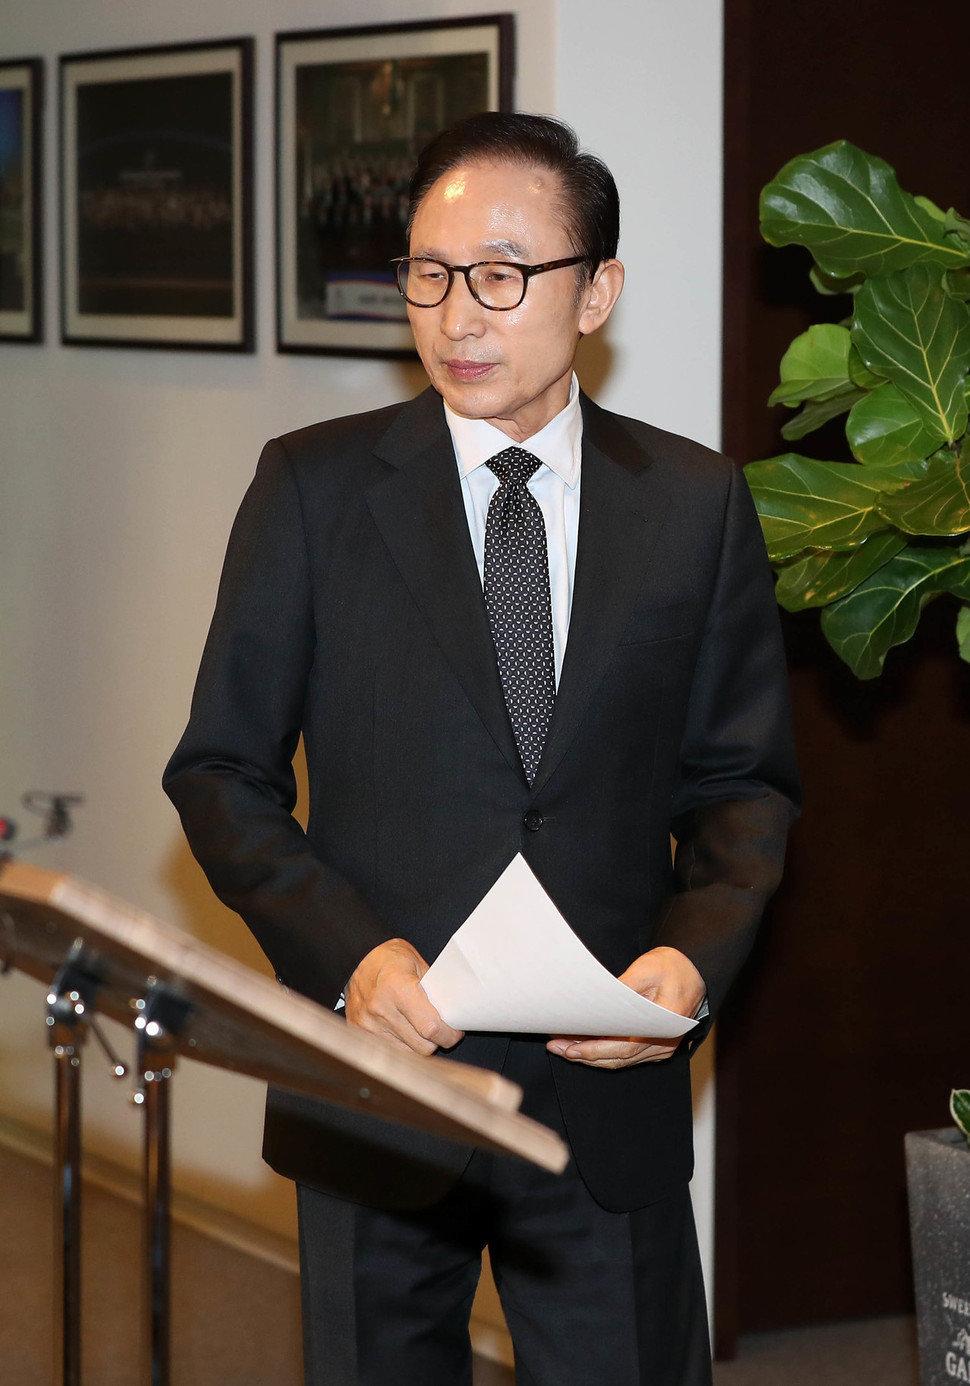 삼성이 이명박 요청받아 다스 소송비용 40억